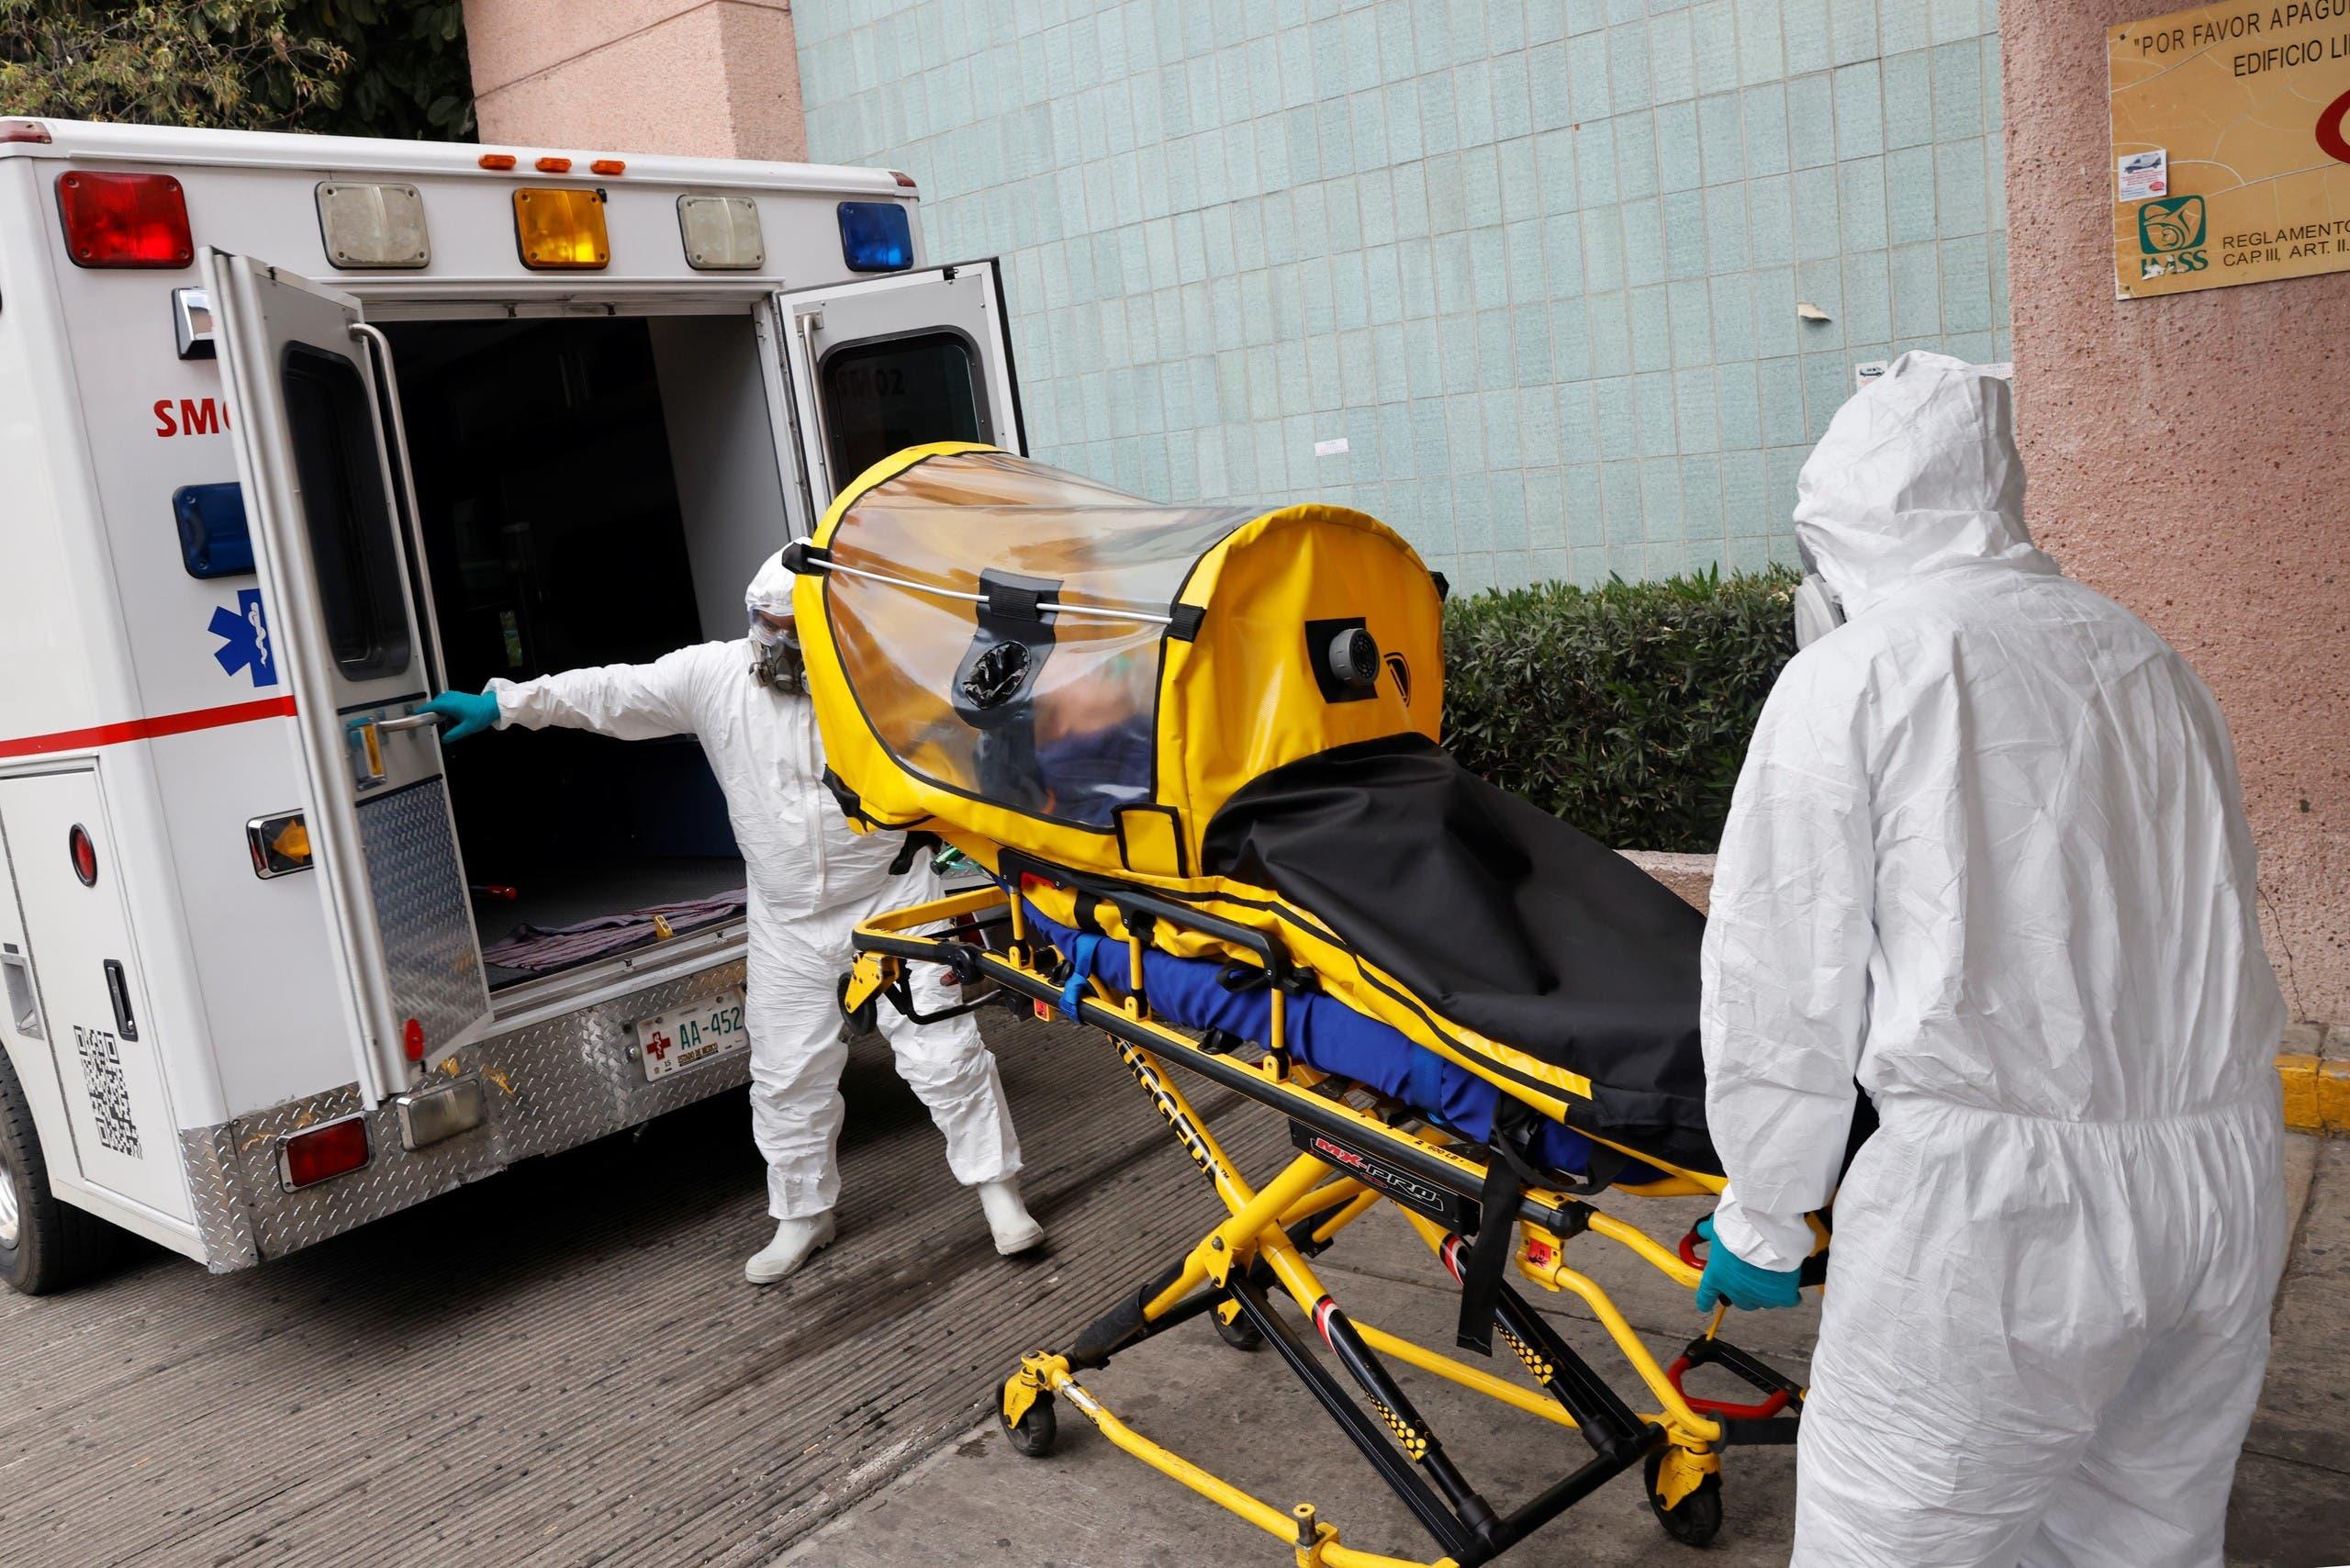 نقل مصاب بكورونا إلى المستشفى في المكسيك